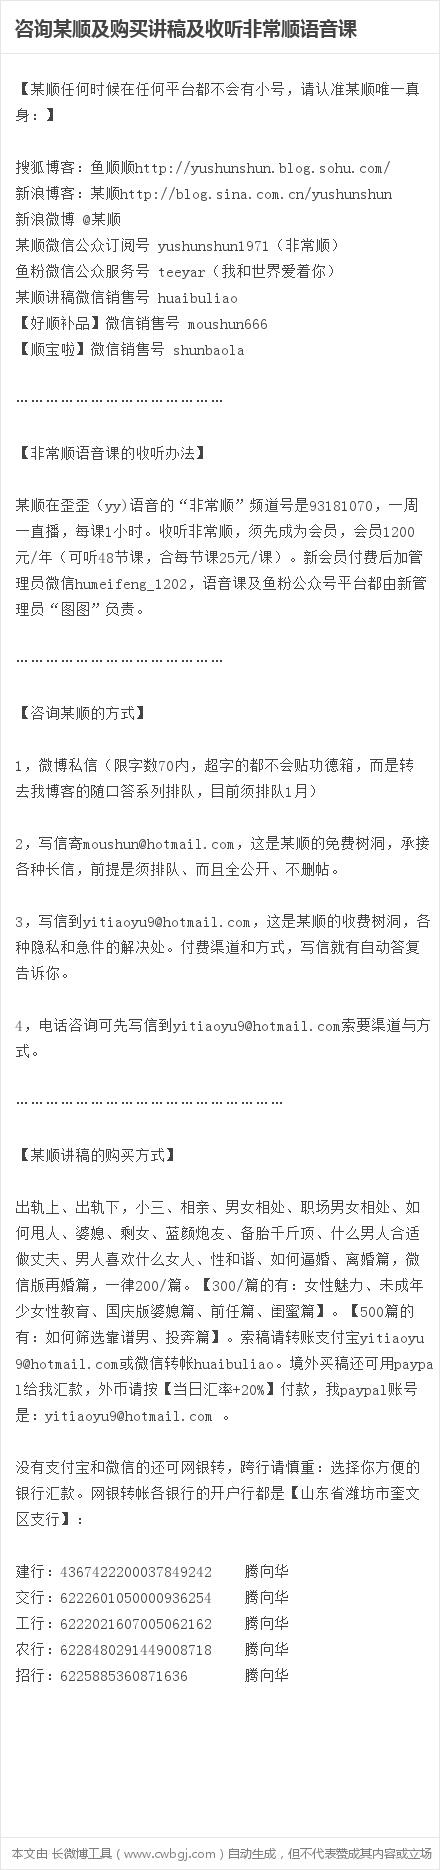 顺口答二二二四 - yushunshun - 鱼顺顺的博客